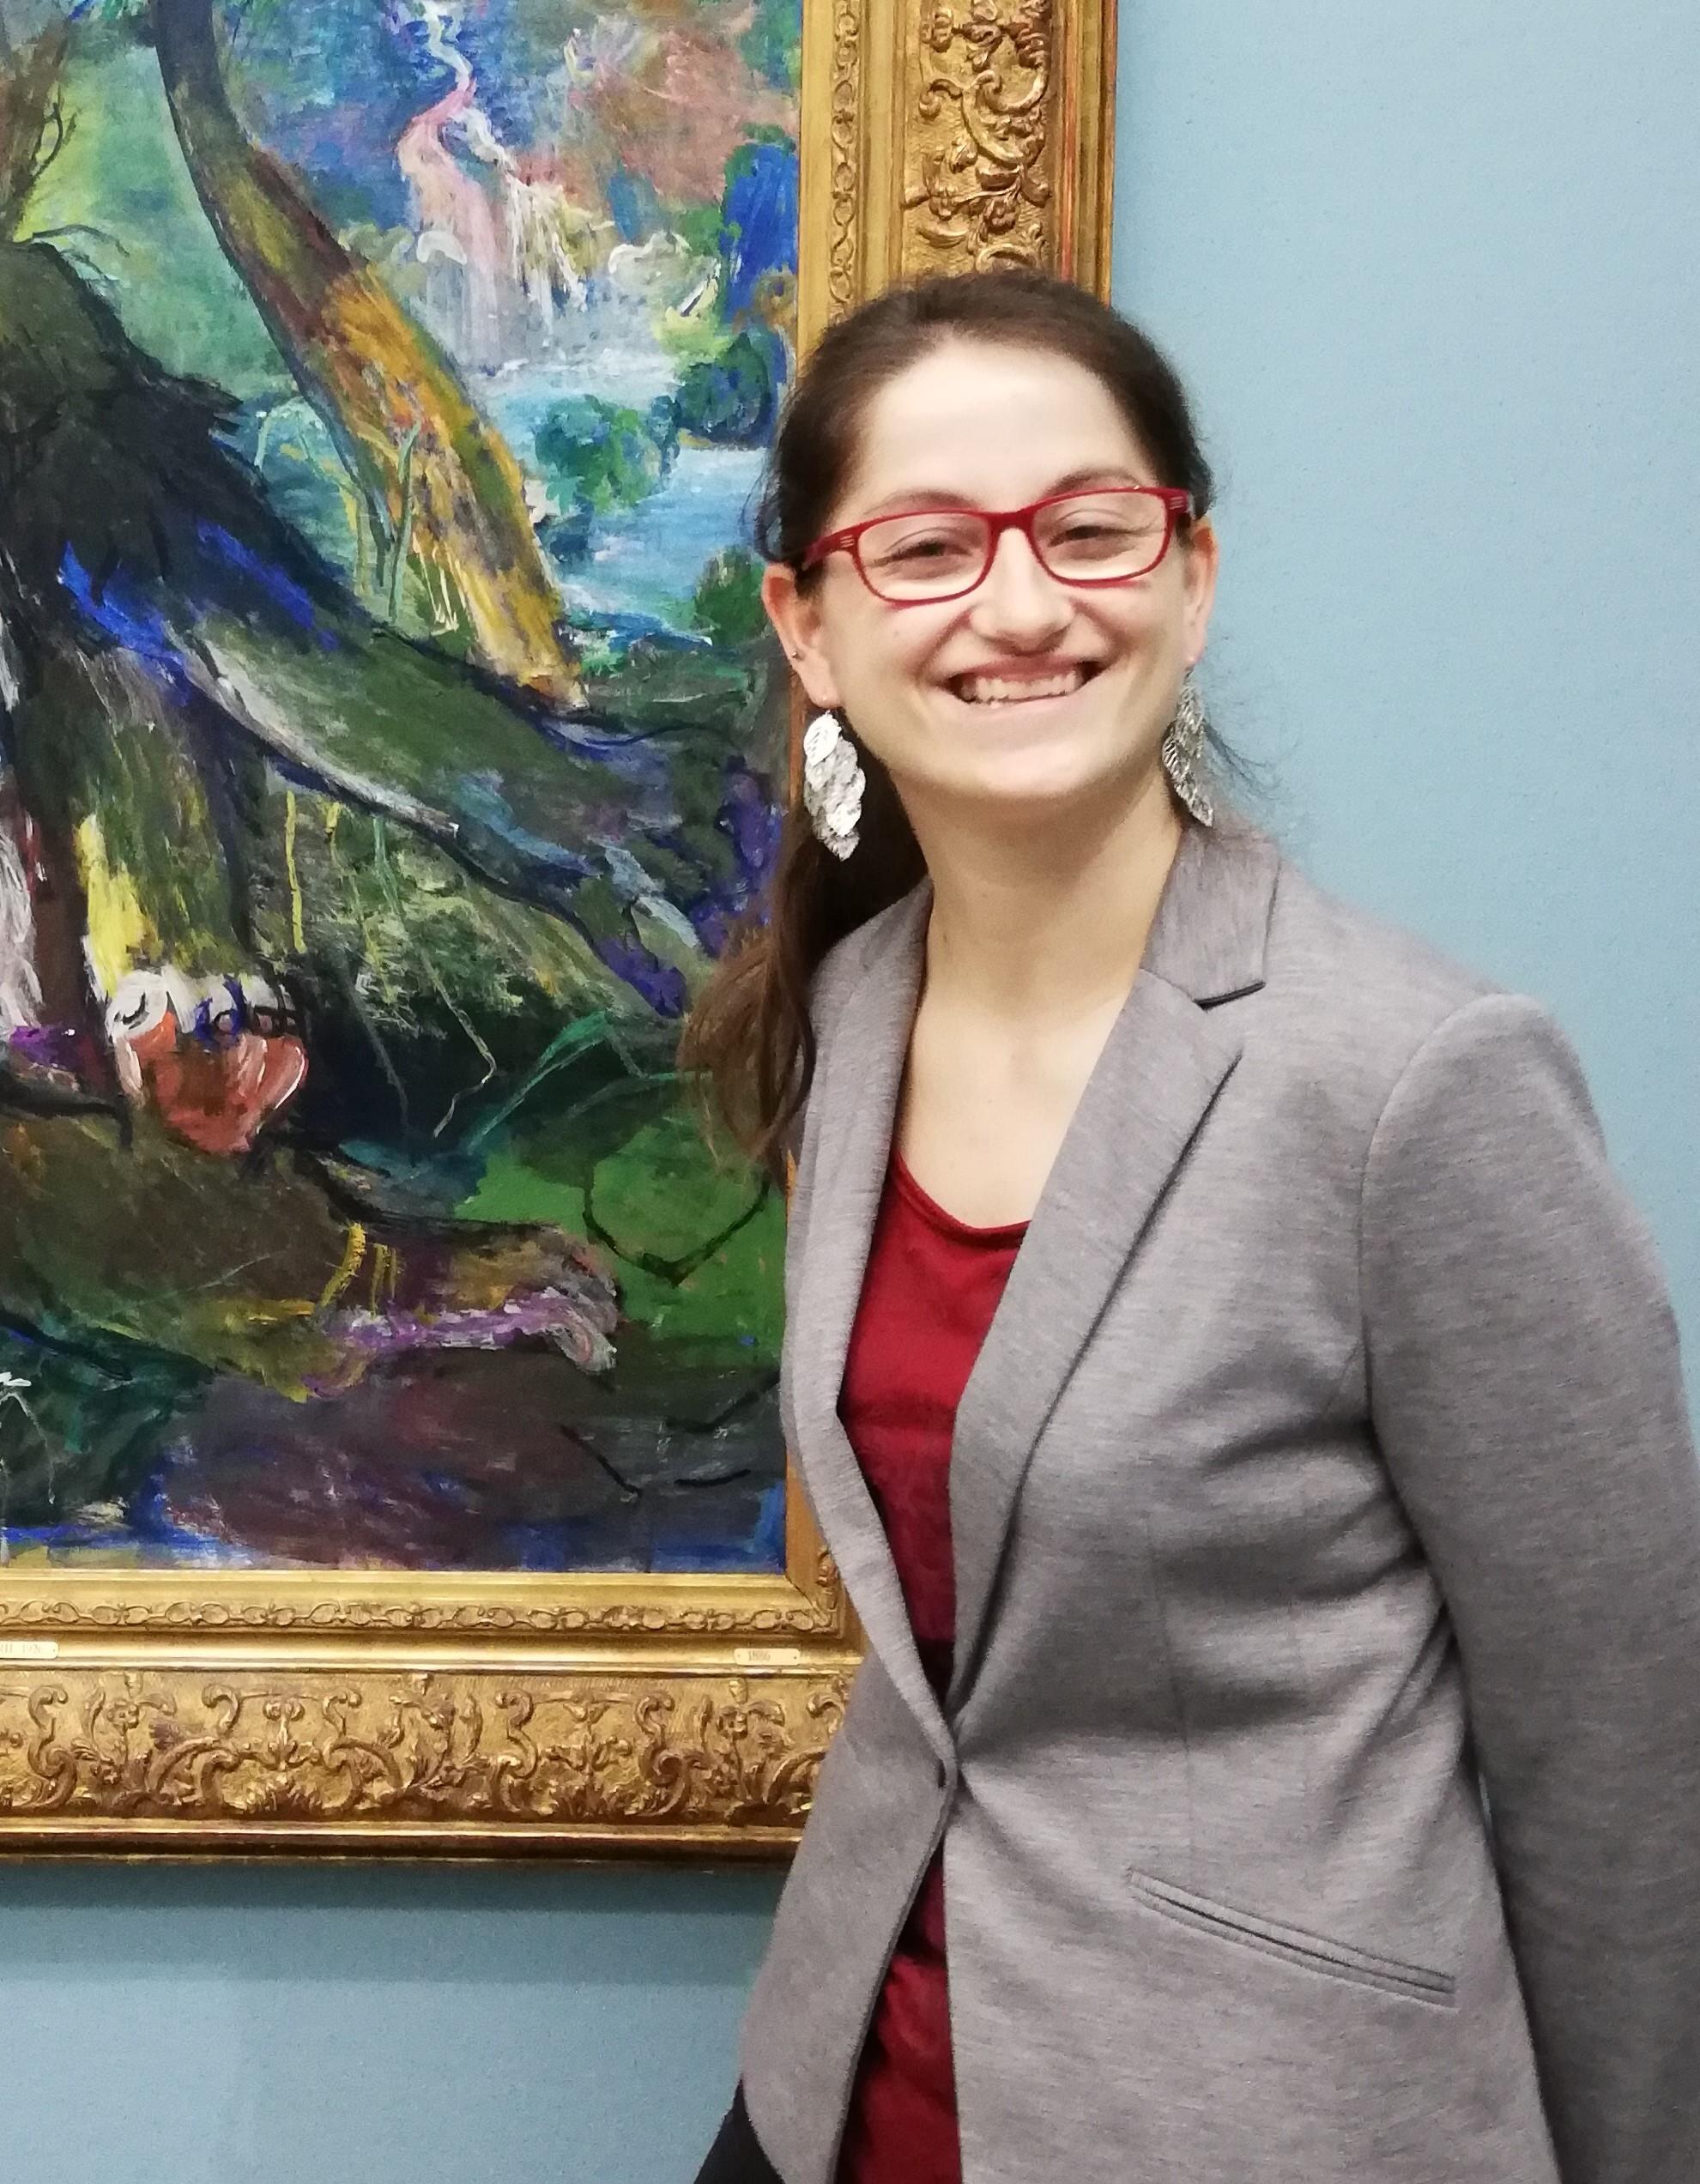 Met een brede glimlach staat Kachiri voor een schilderij. Haar donkerbruine lange haar zit in een staart en op haar neus staat een rode bril. deze past mooi bij haar rode shirt onder grijzen colbair